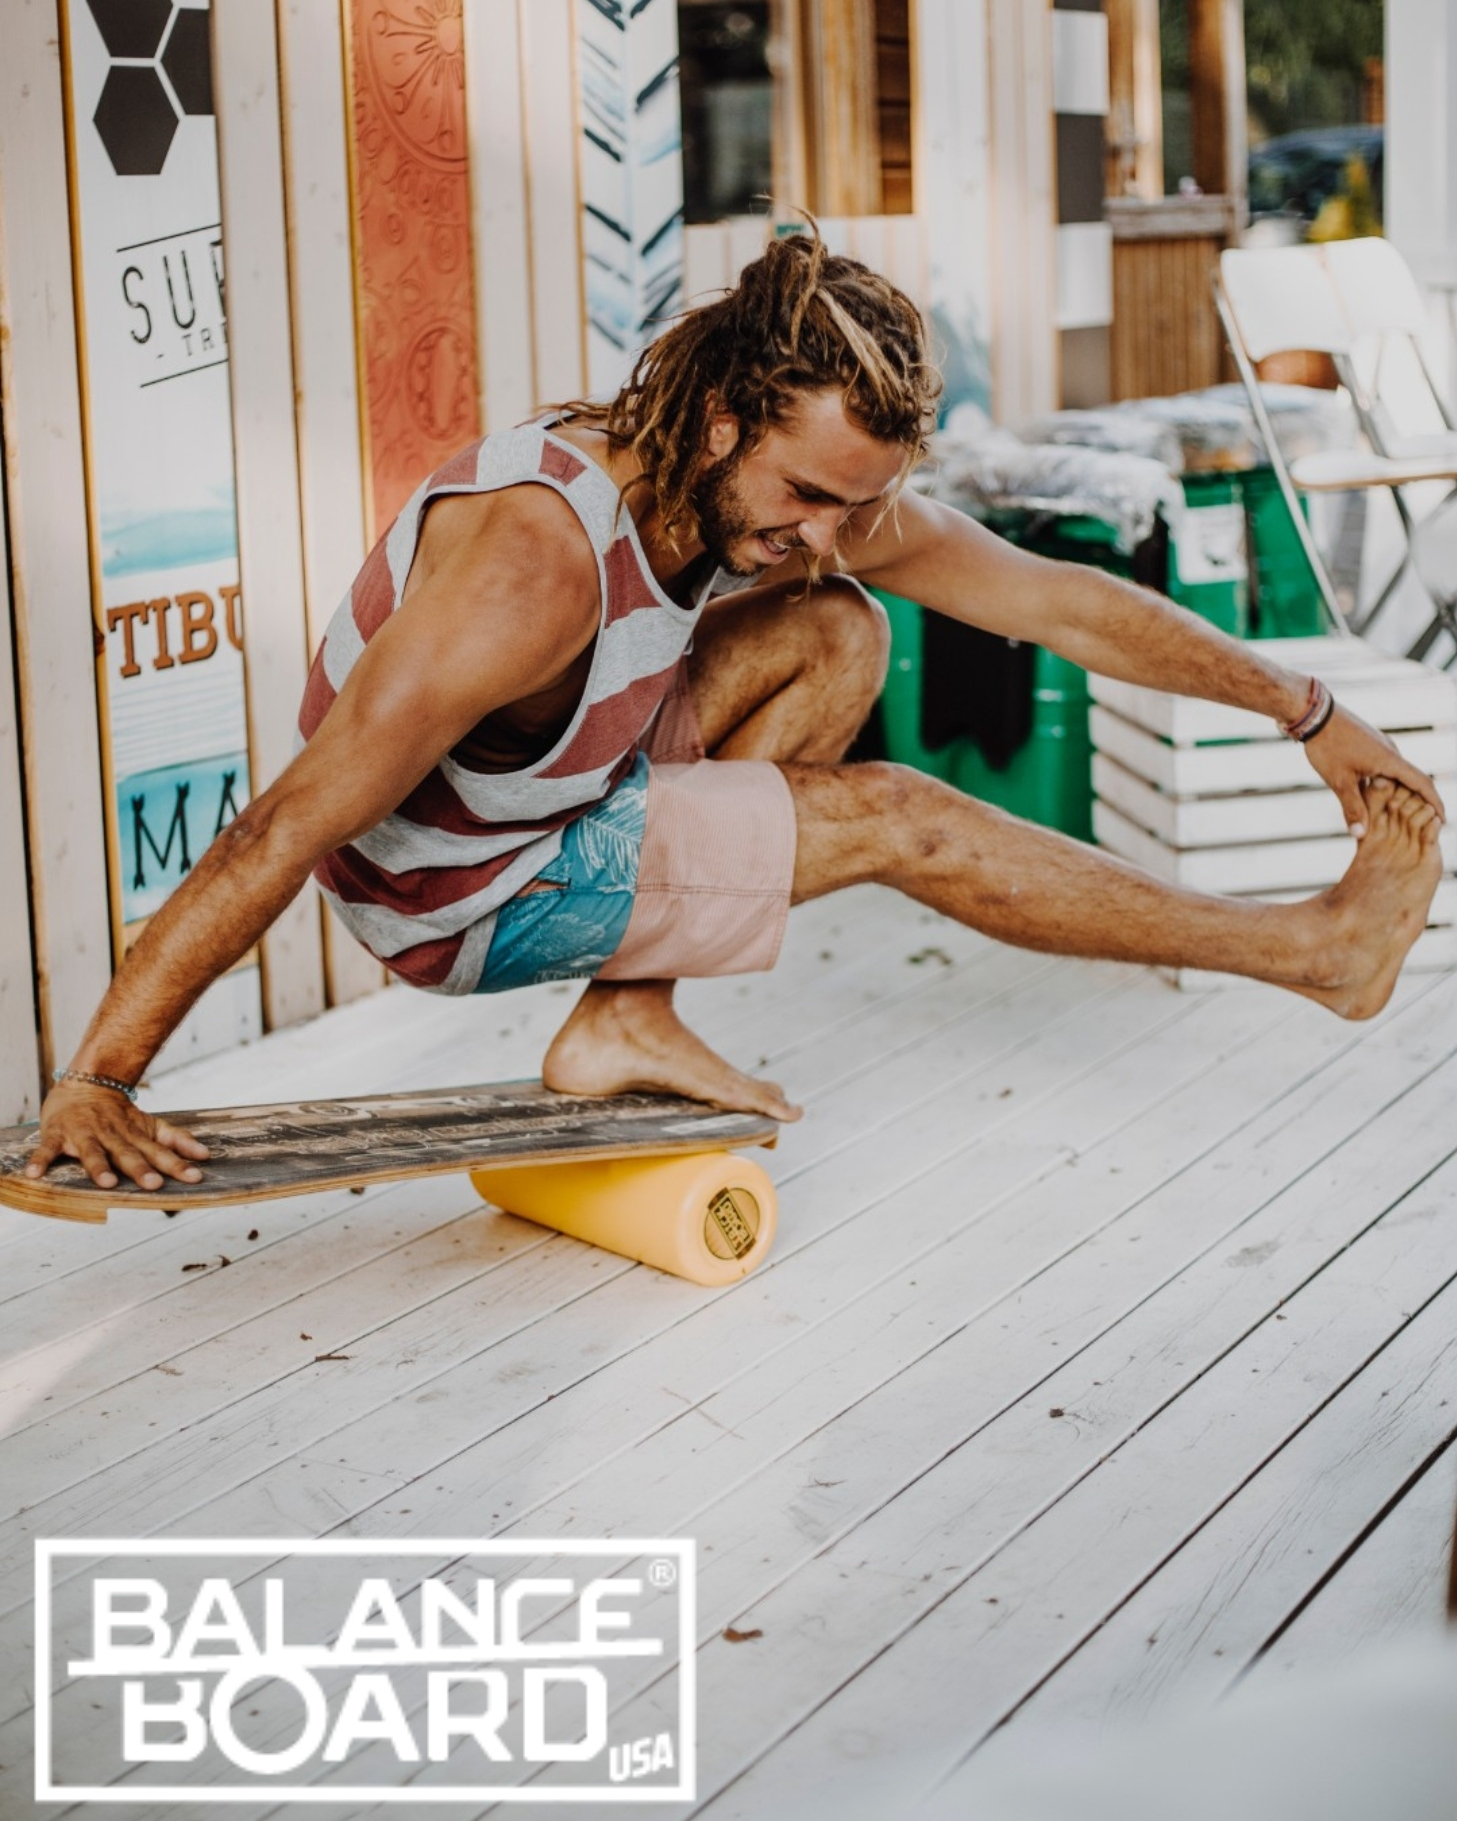 Trickboard Classic All Season Balance Board Balance Trainer